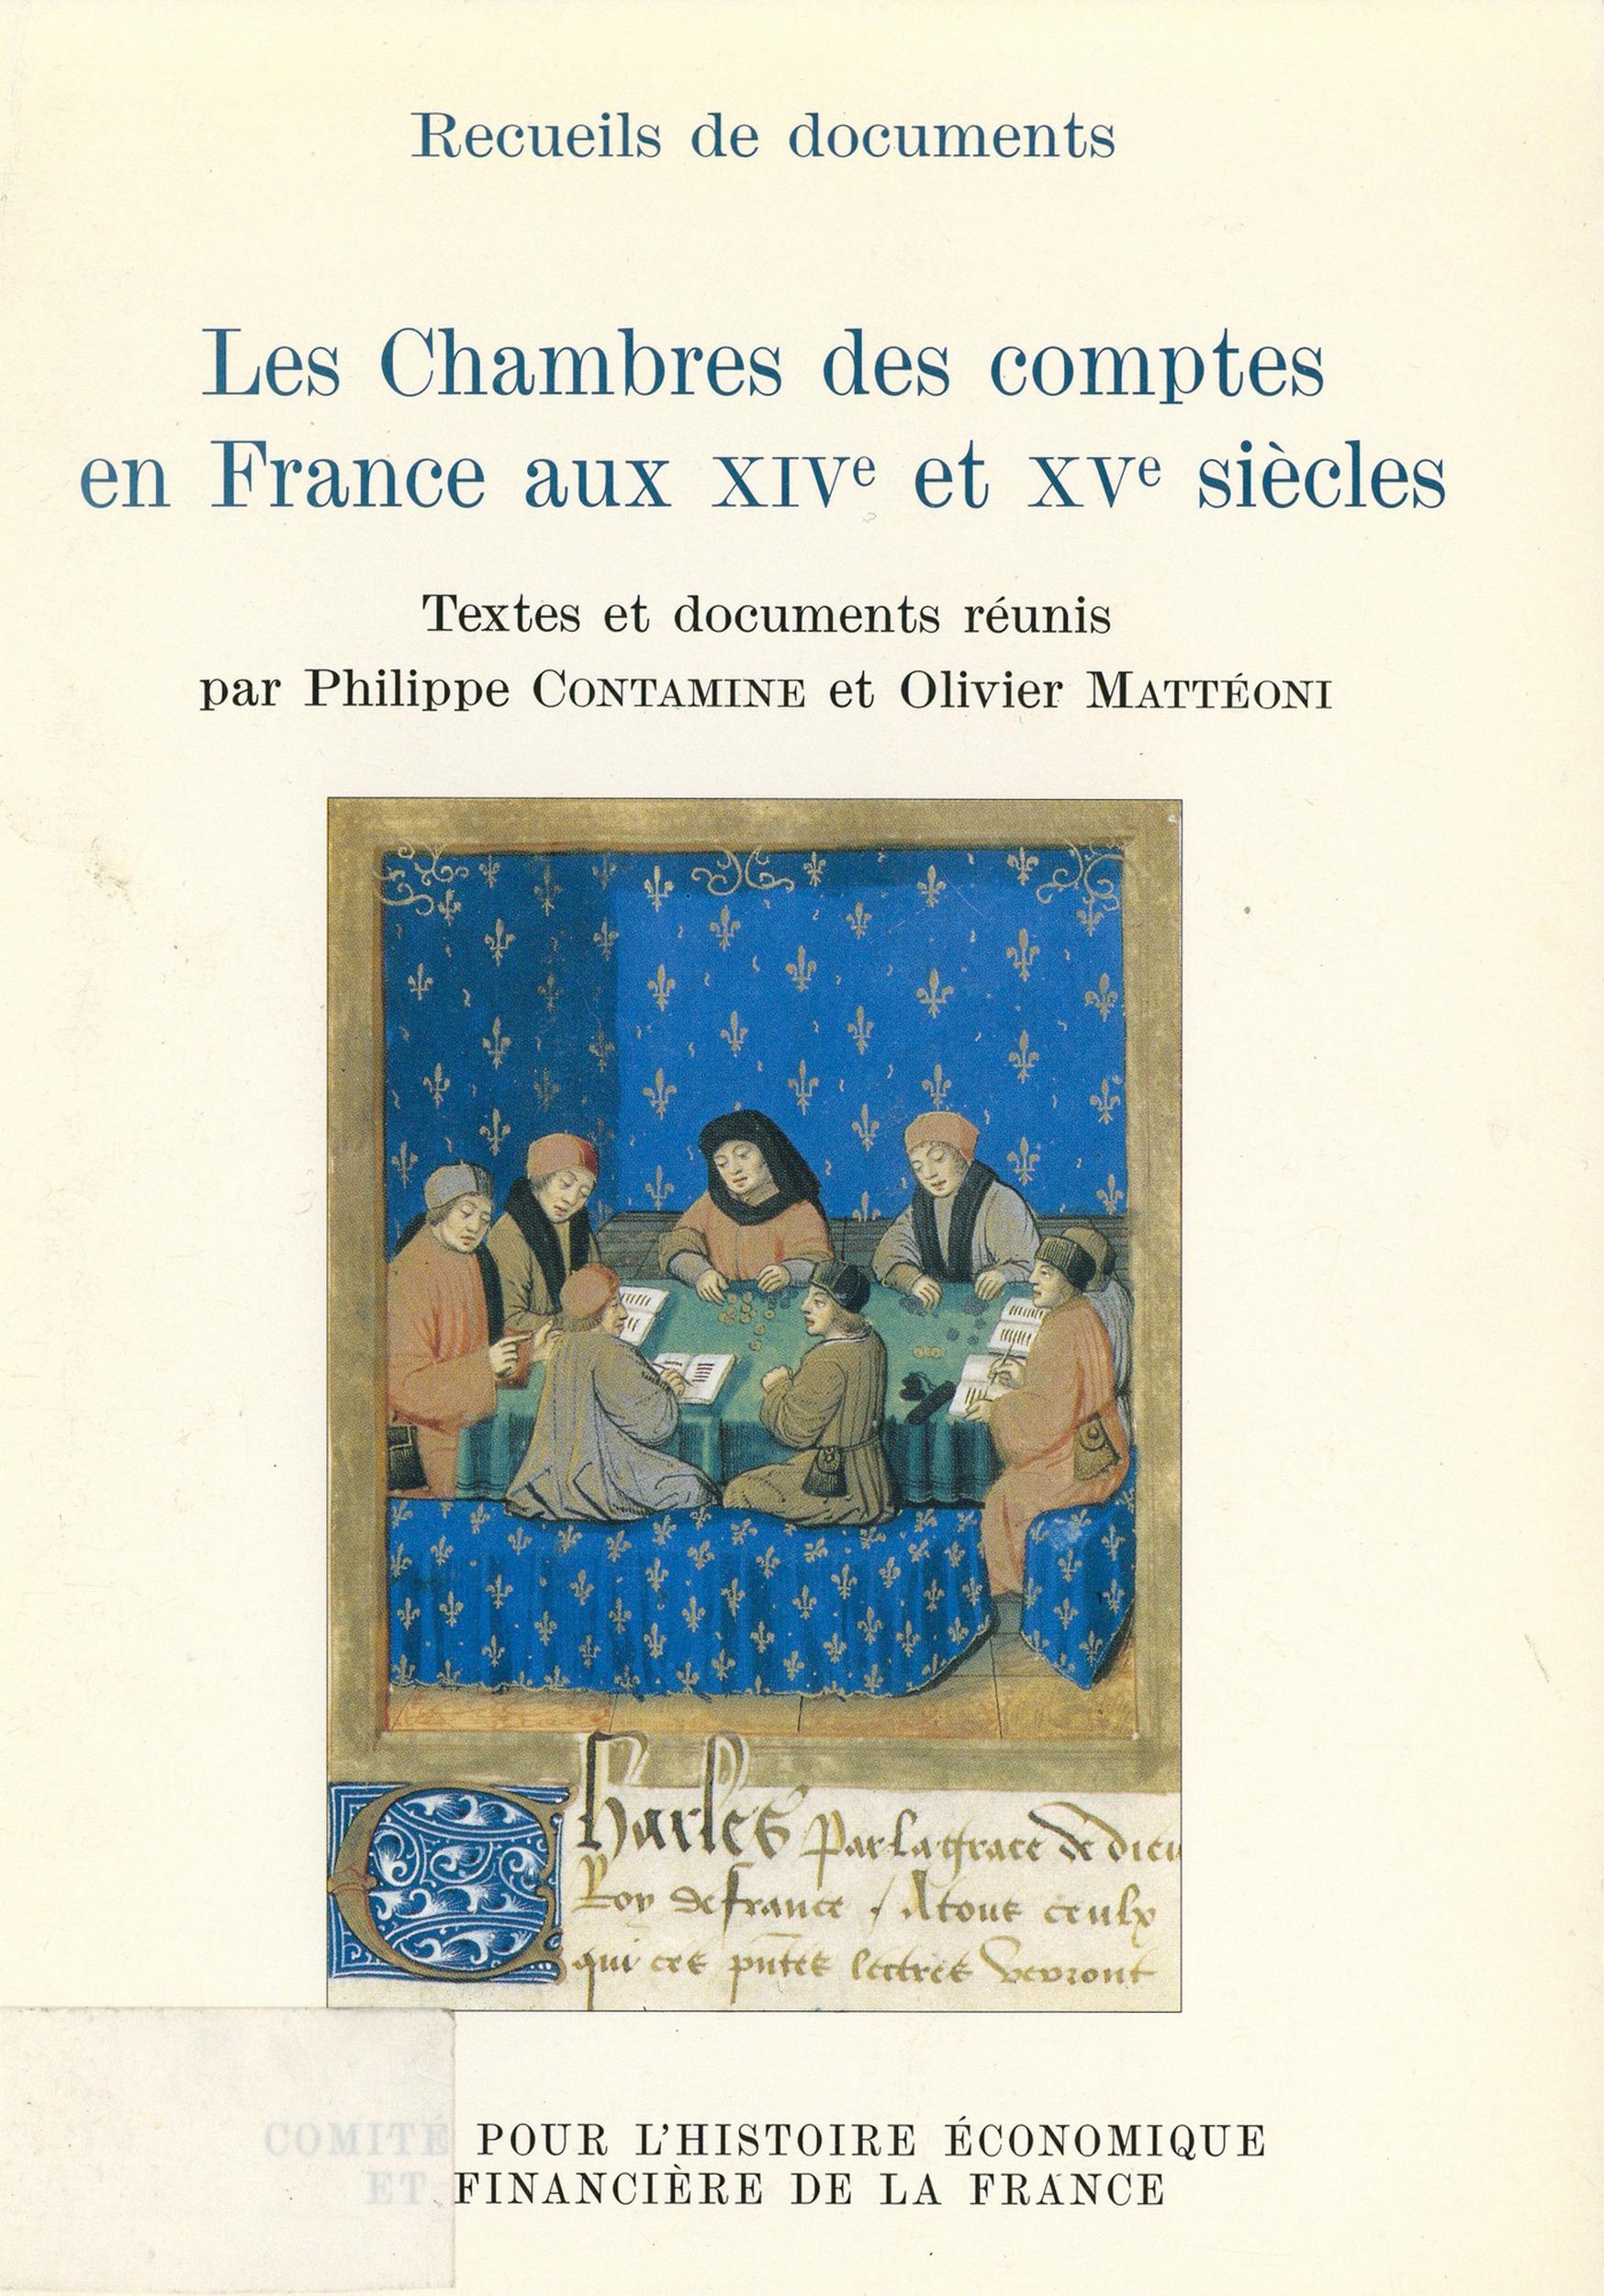 Les chambres des comptes en France aux XIV et XV siècles